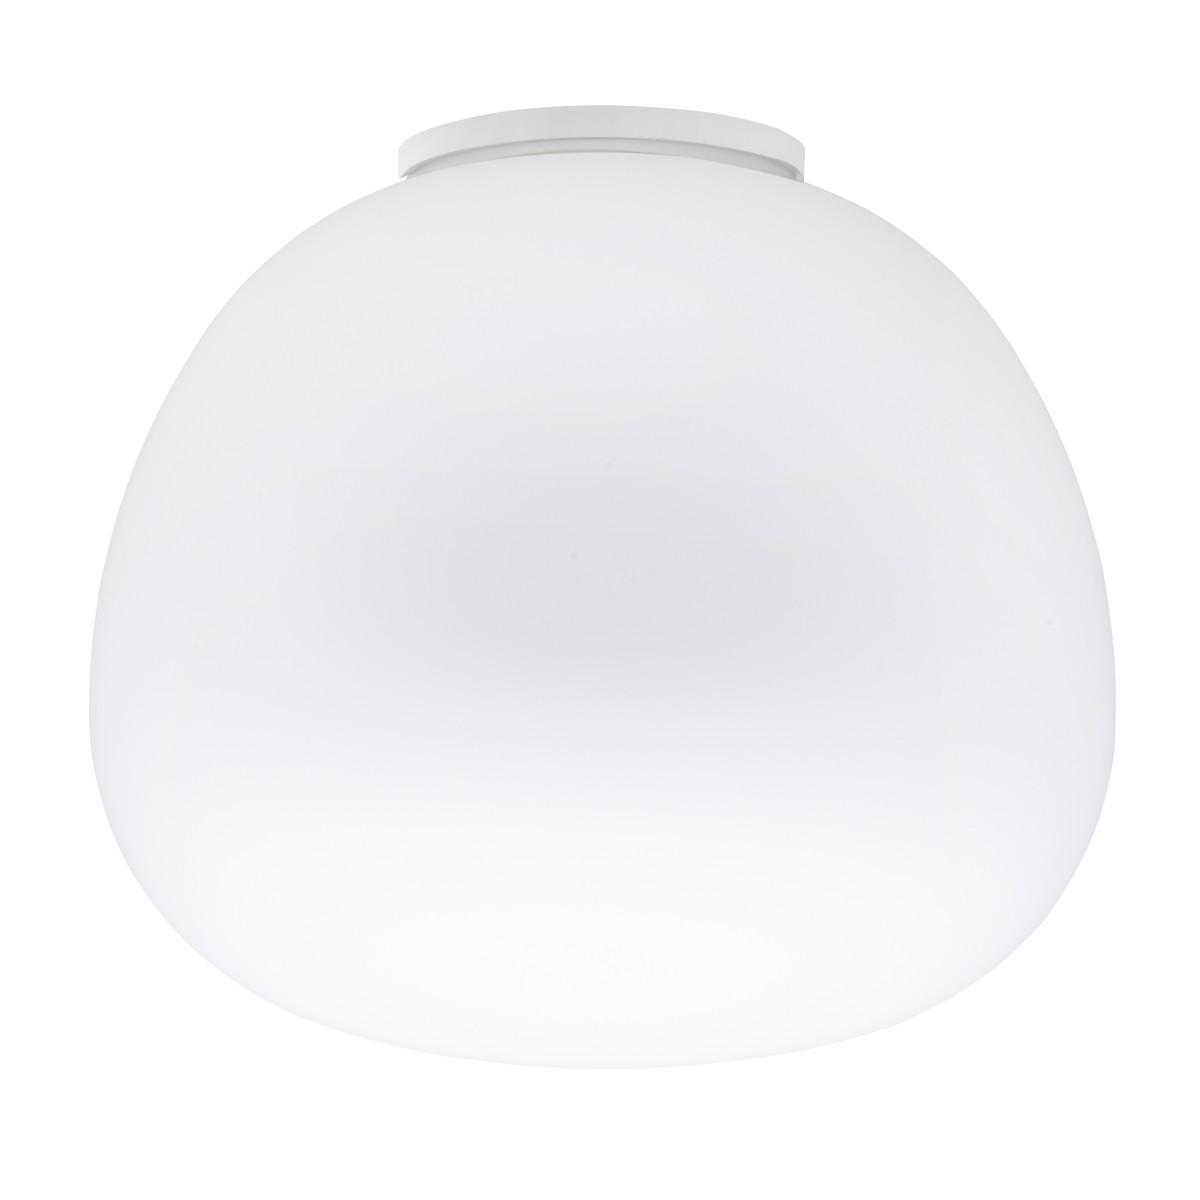 Fabbian Lumi Mochi Deckenleuchte, Ø: 45 cm, weiß